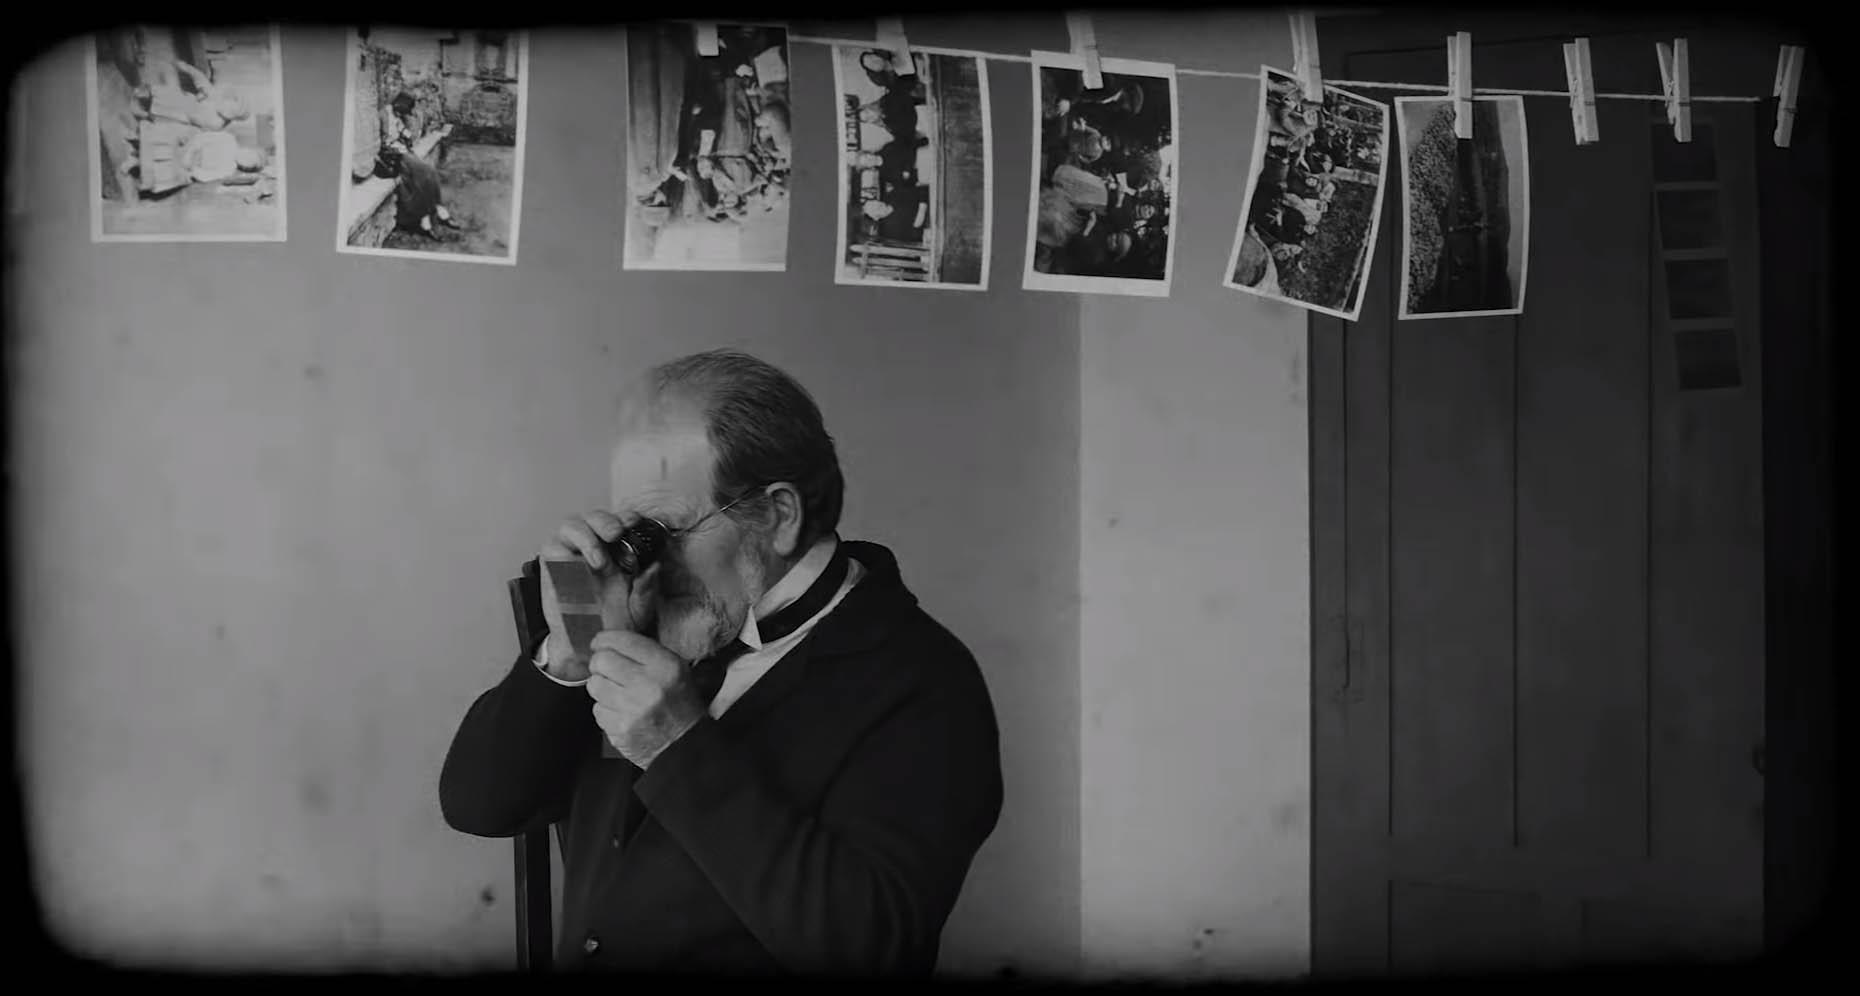 <i>A viaxe de Ruth</i>: un retrato da Galicia rural e mariñeira dos anos 20 agora en aberto